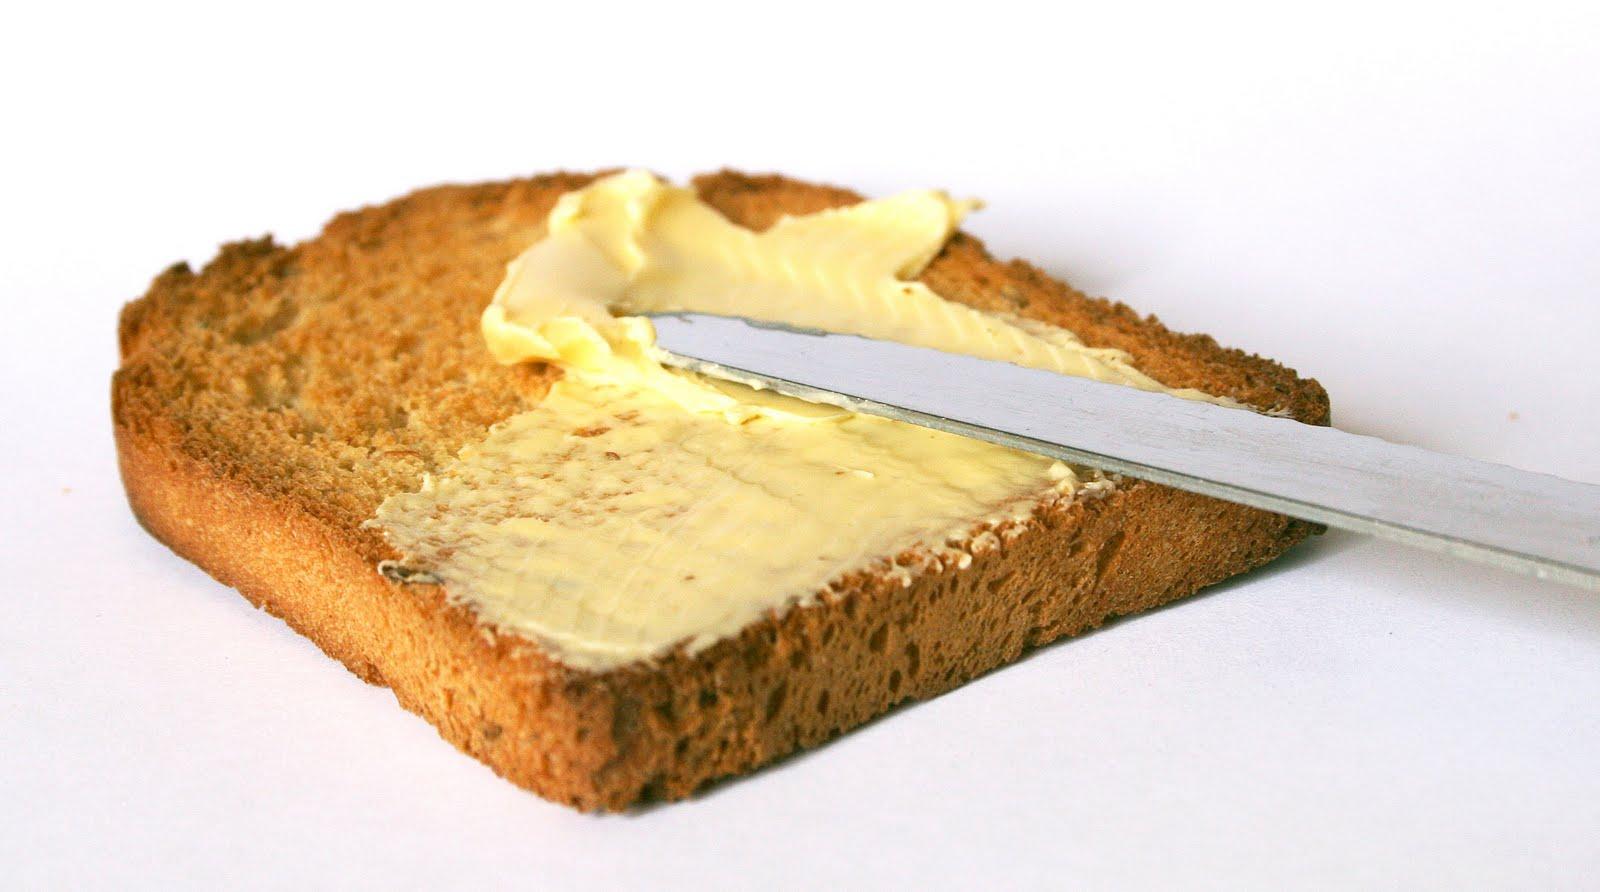 Qual a melhor opção para passar no pão?